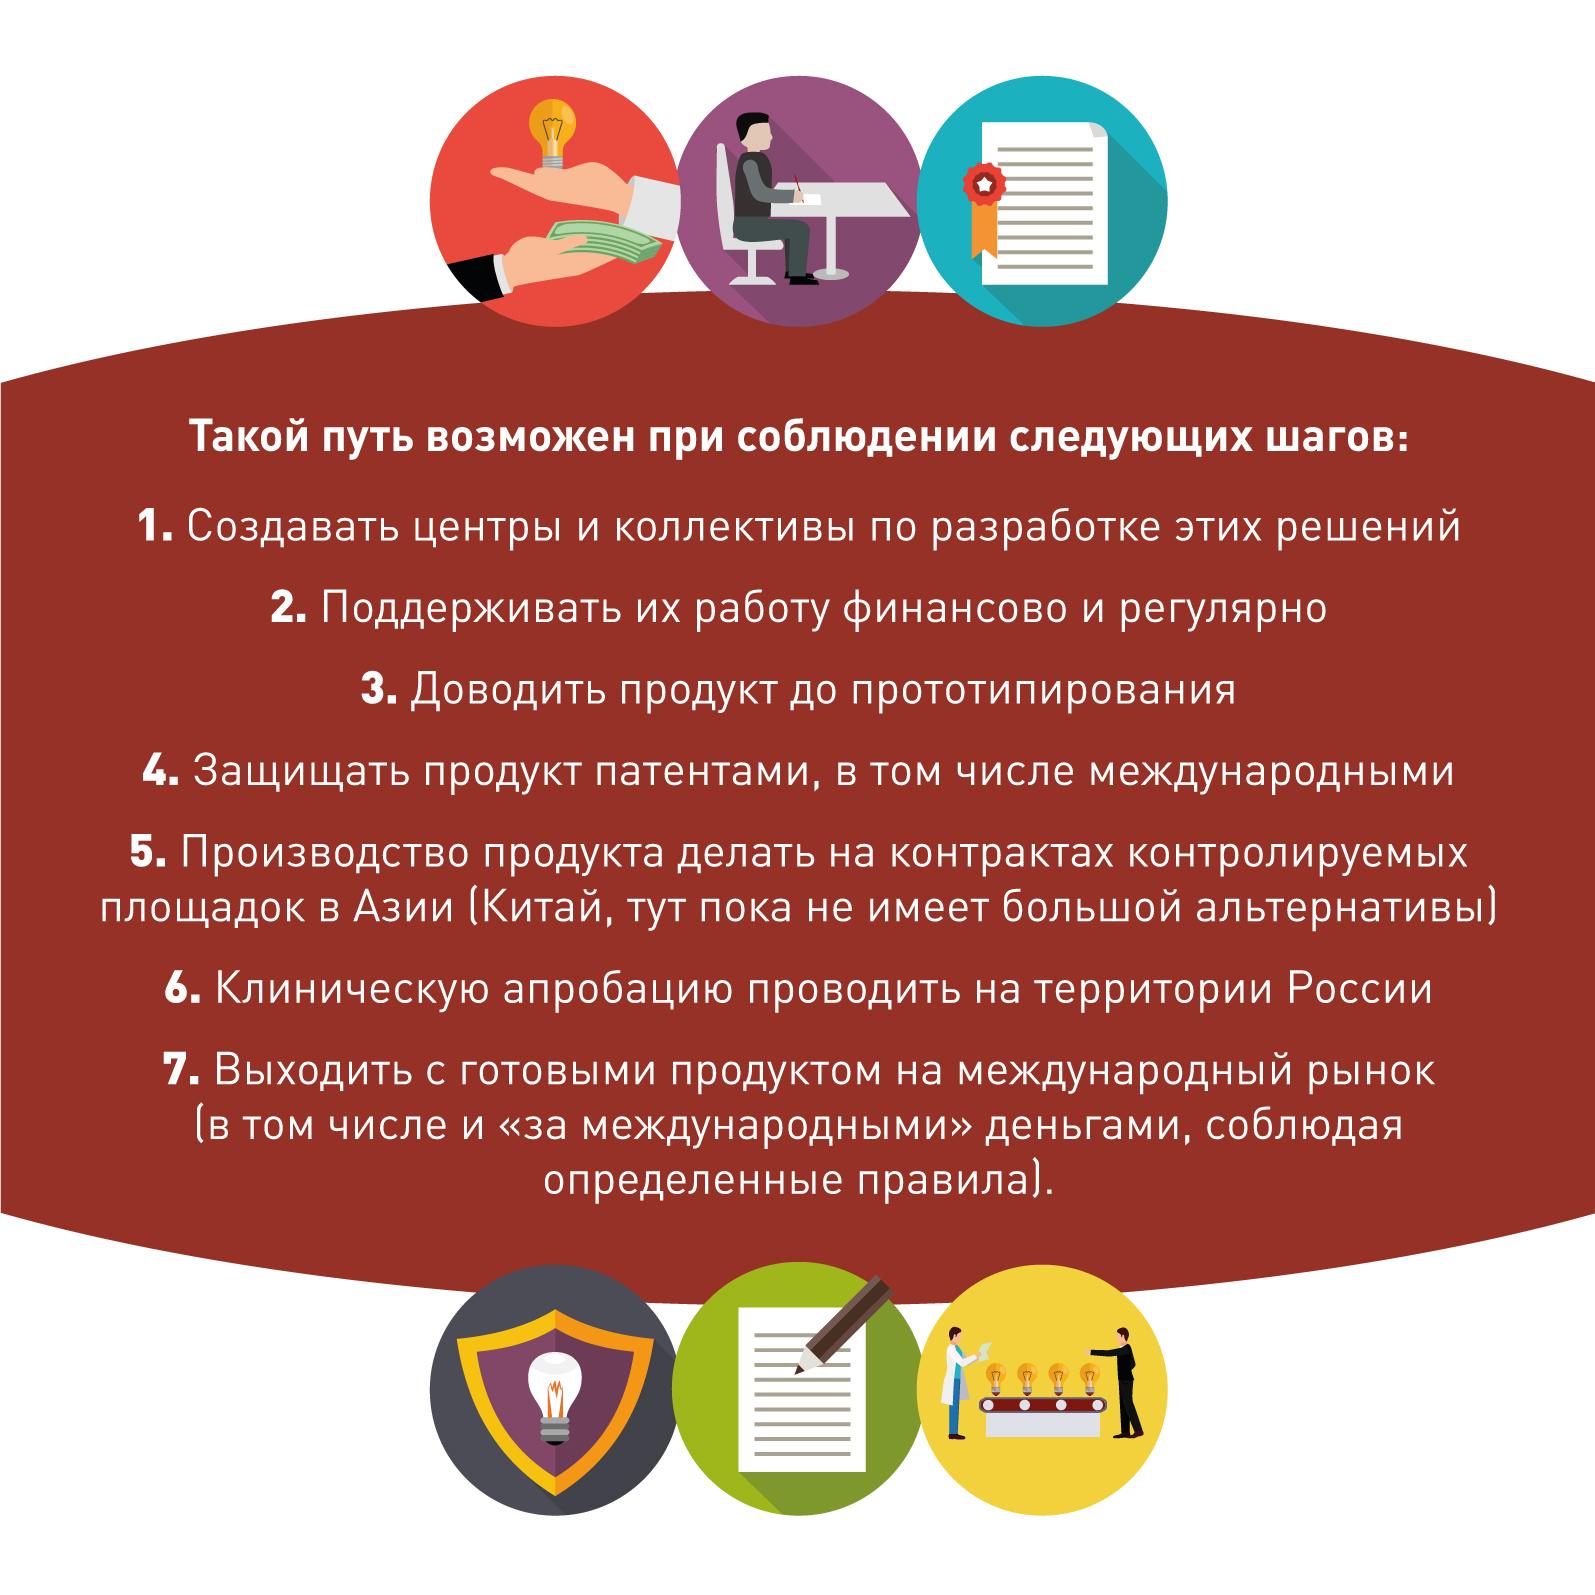 Потенциальные возможности России в рамках инноваций в цифровой медицине